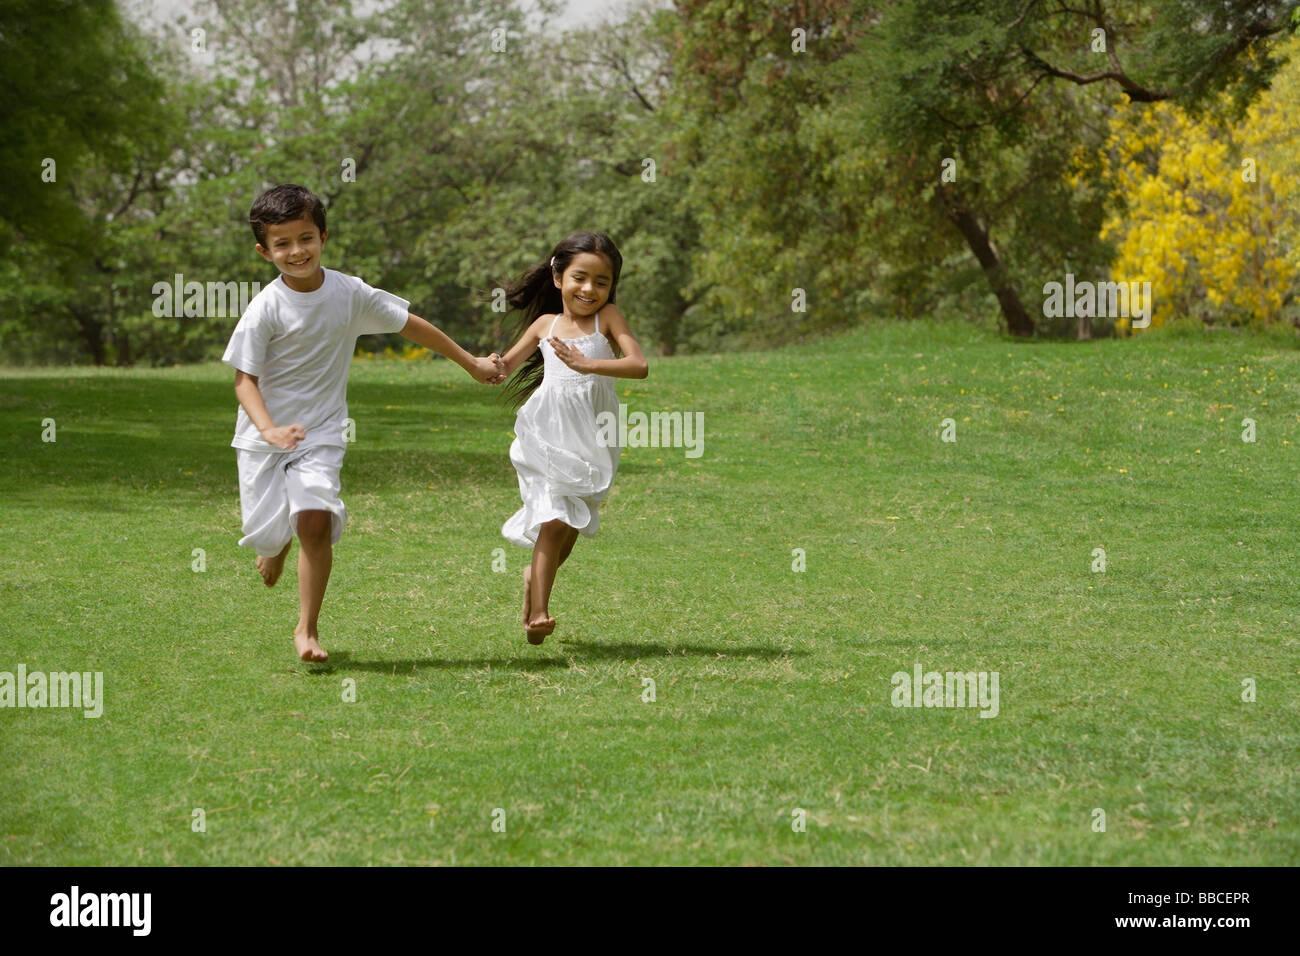 Enfants Qui Courent Dans Le Parc, Se Tenant La Main Banque